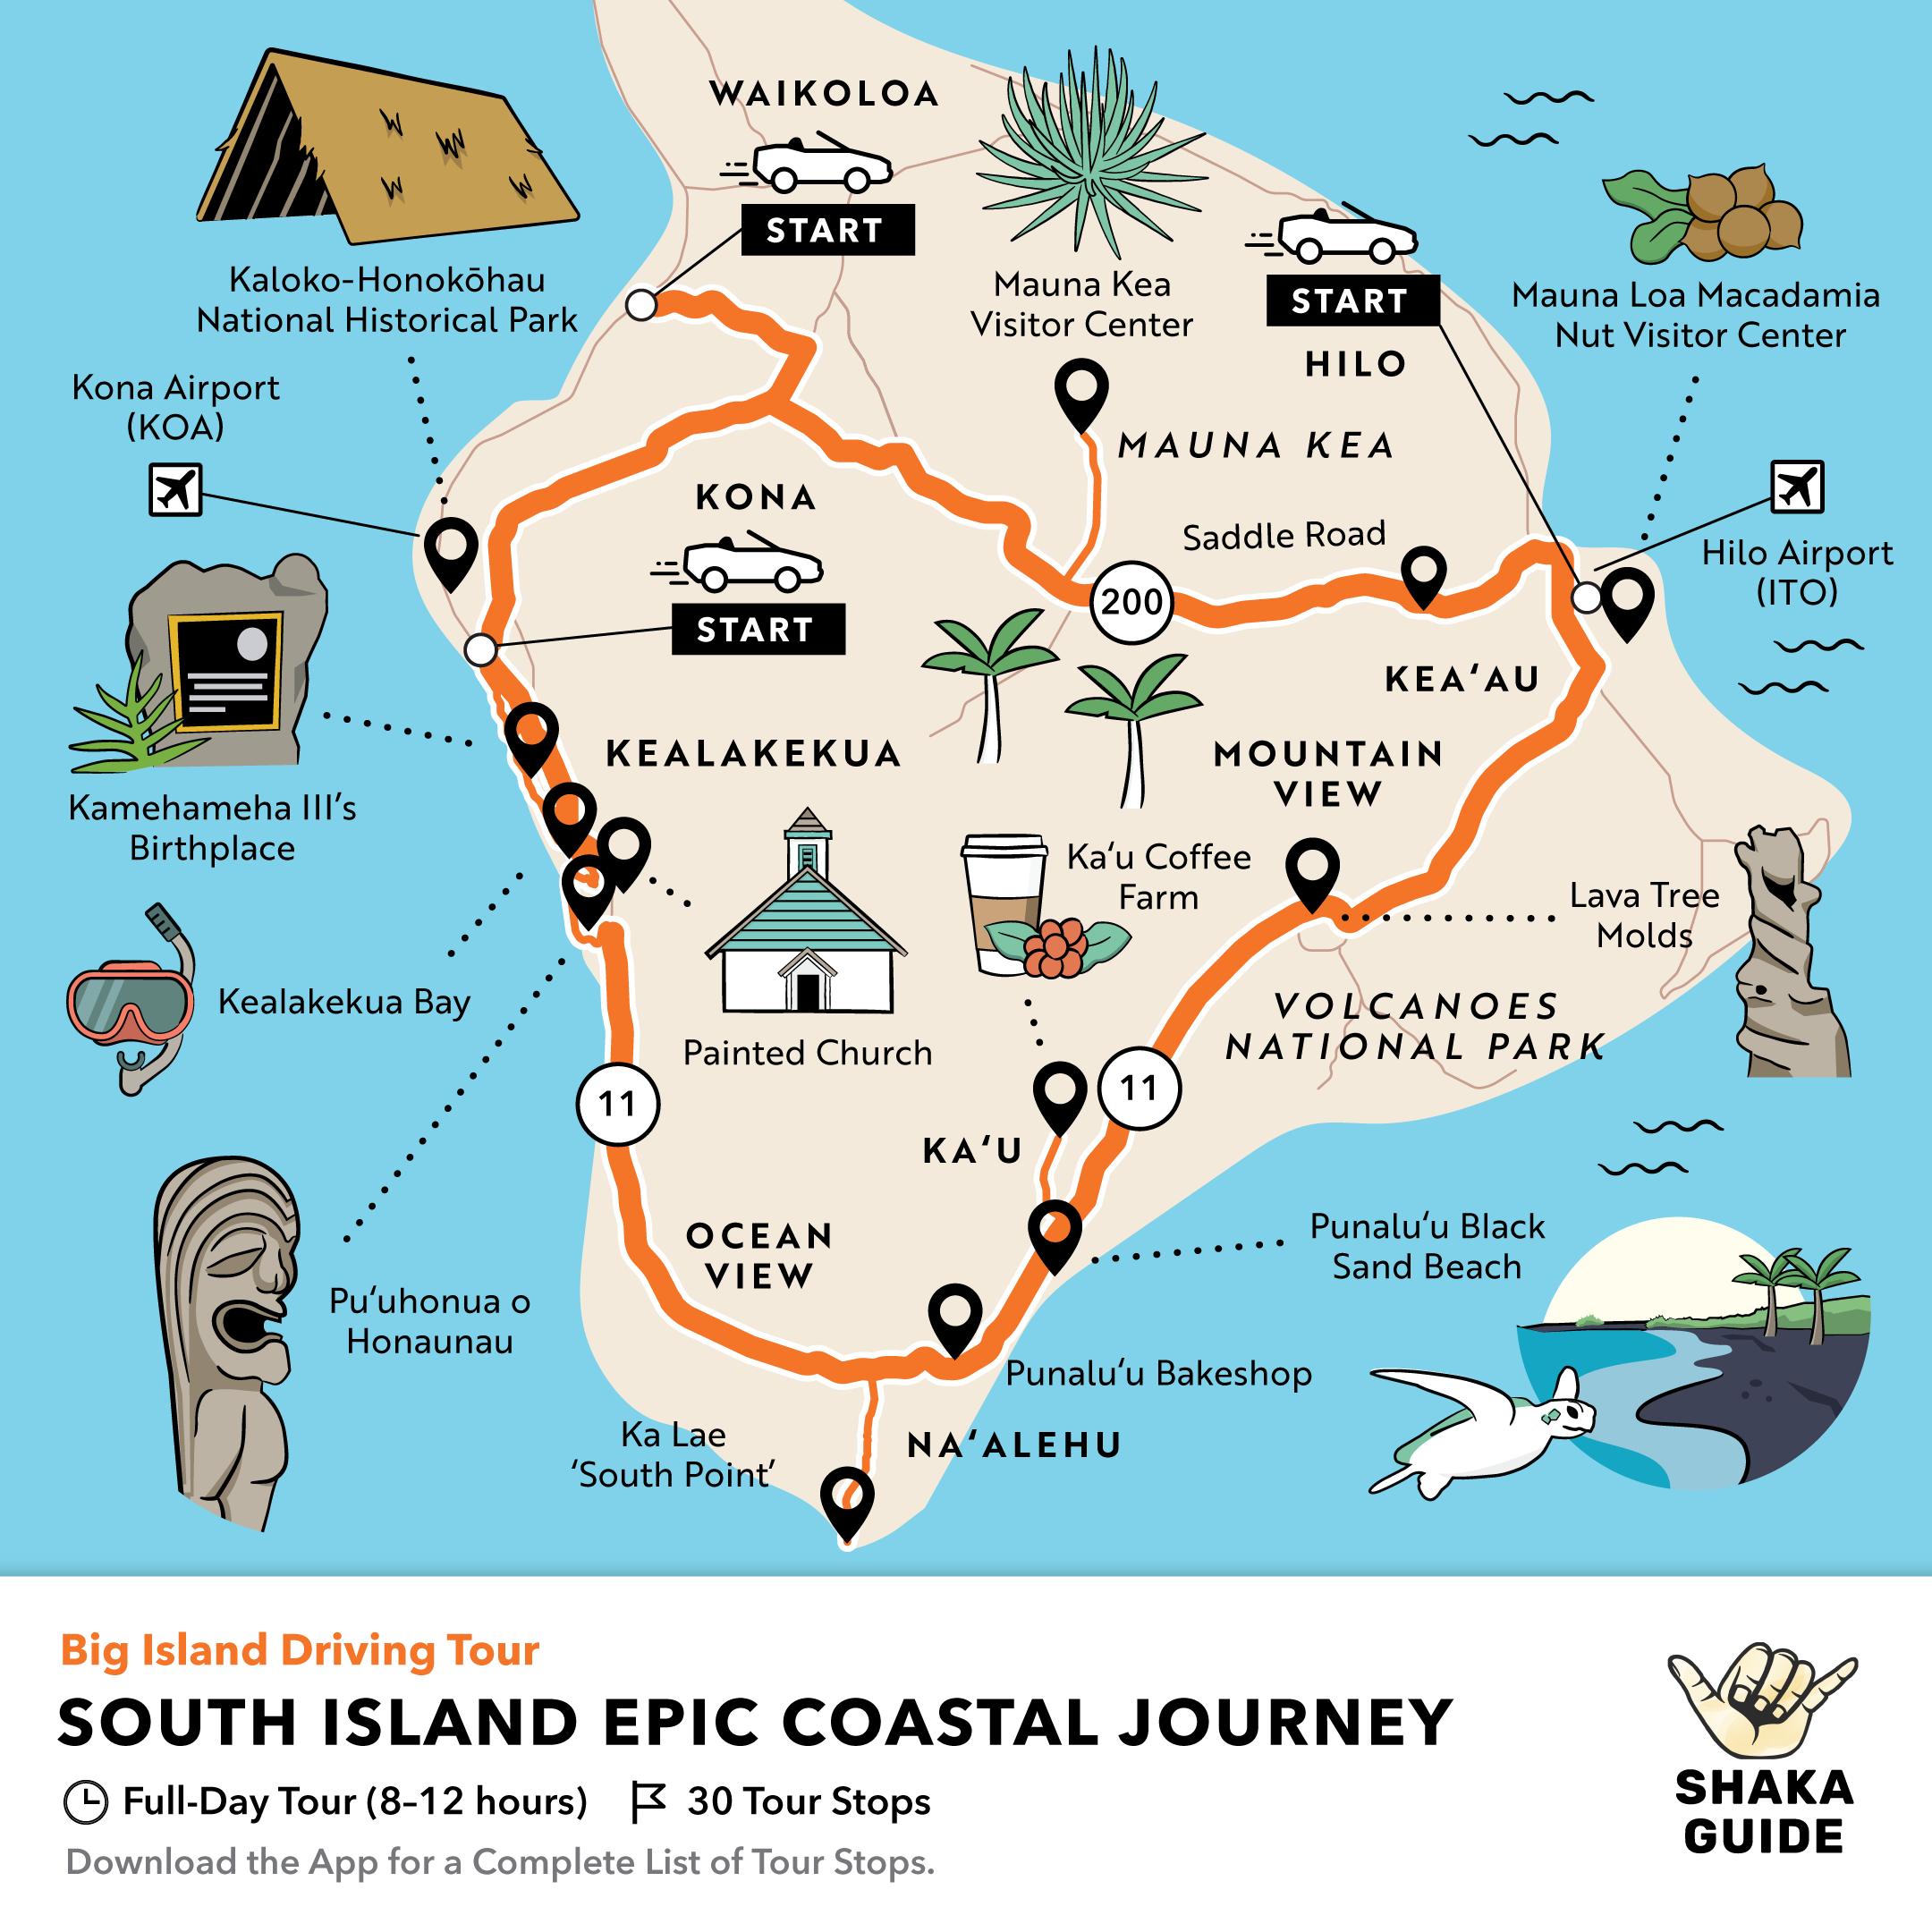 Shaka Guide's South Island Epic Coastal Journey